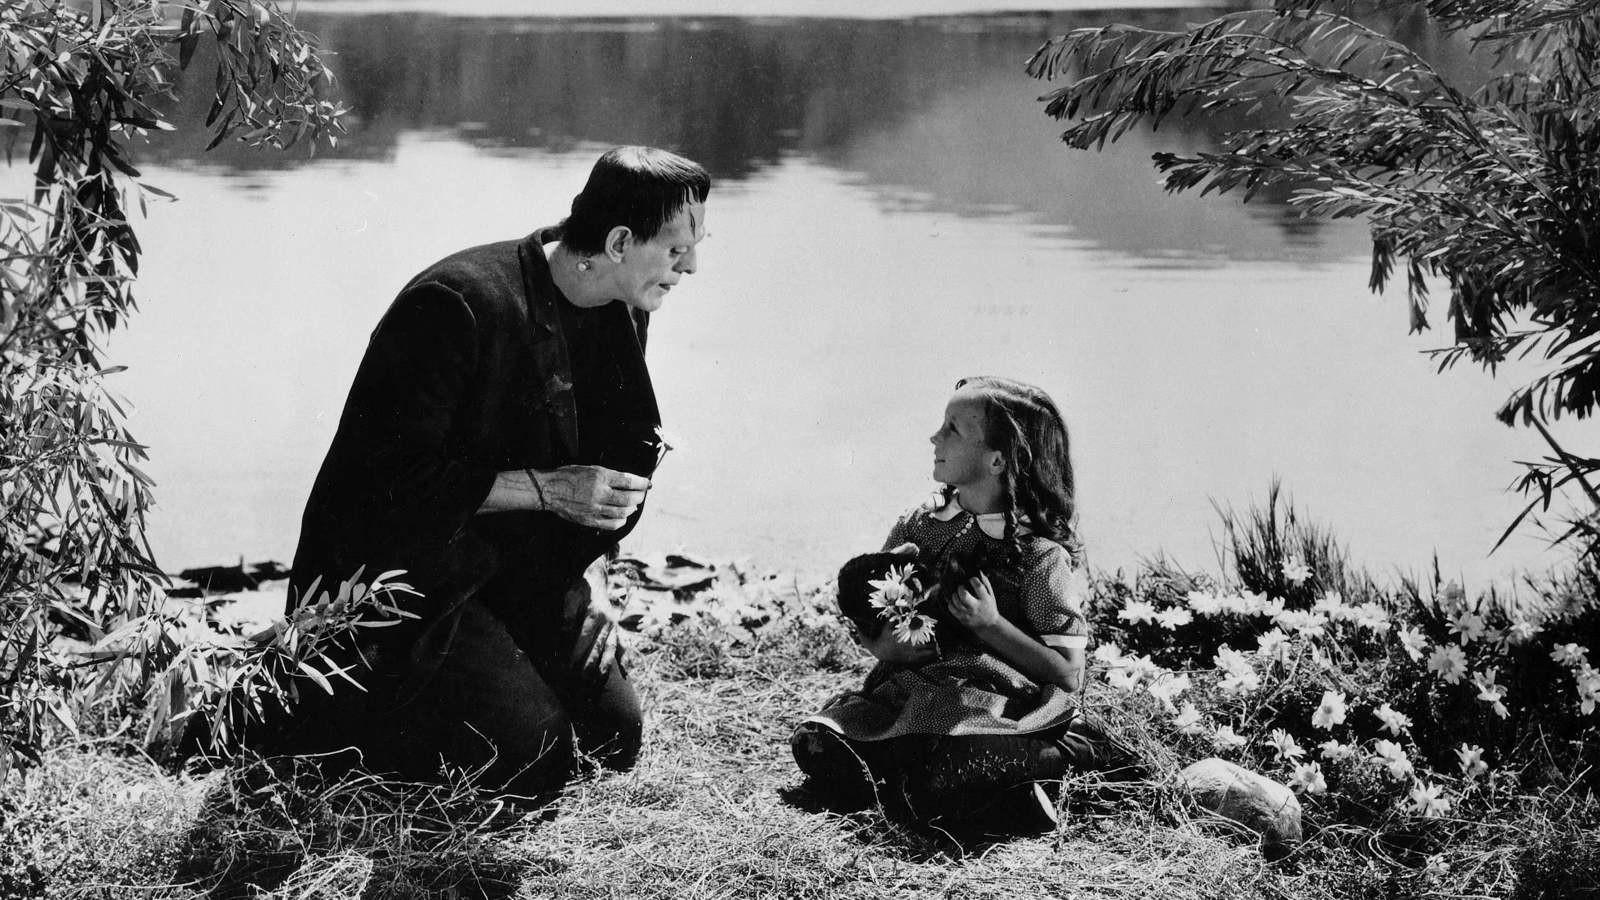 HISTÓMICRON: Frankenstein: El mito literario y la adaptación al cine